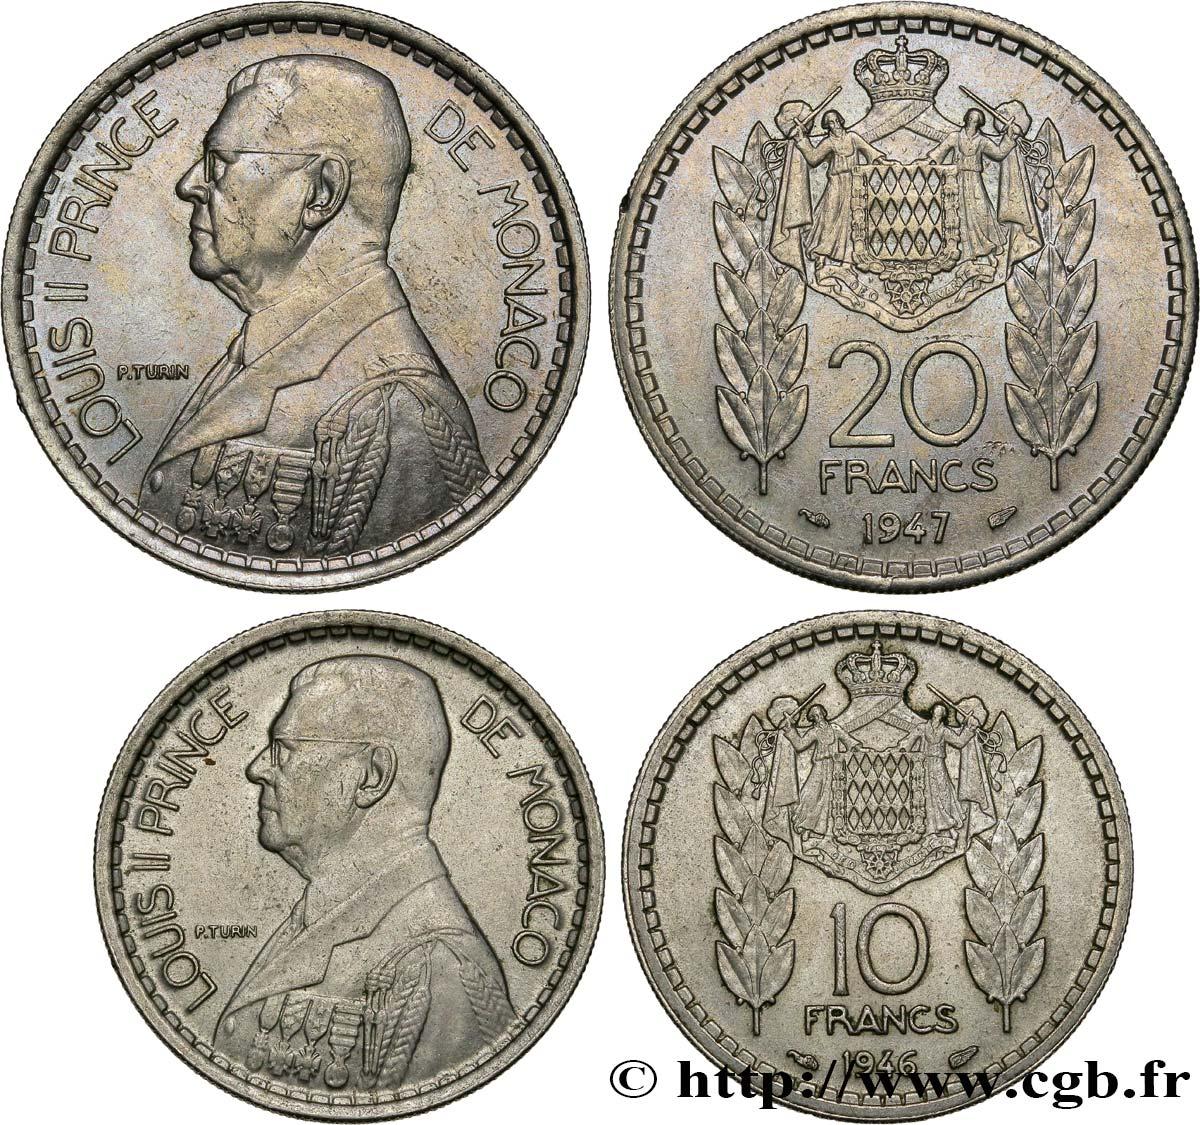 monaco lot 10 et 20 francs prince louis ii 1946 1947 paris fwo 380891 world coins. Black Bedroom Furniture Sets. Home Design Ideas